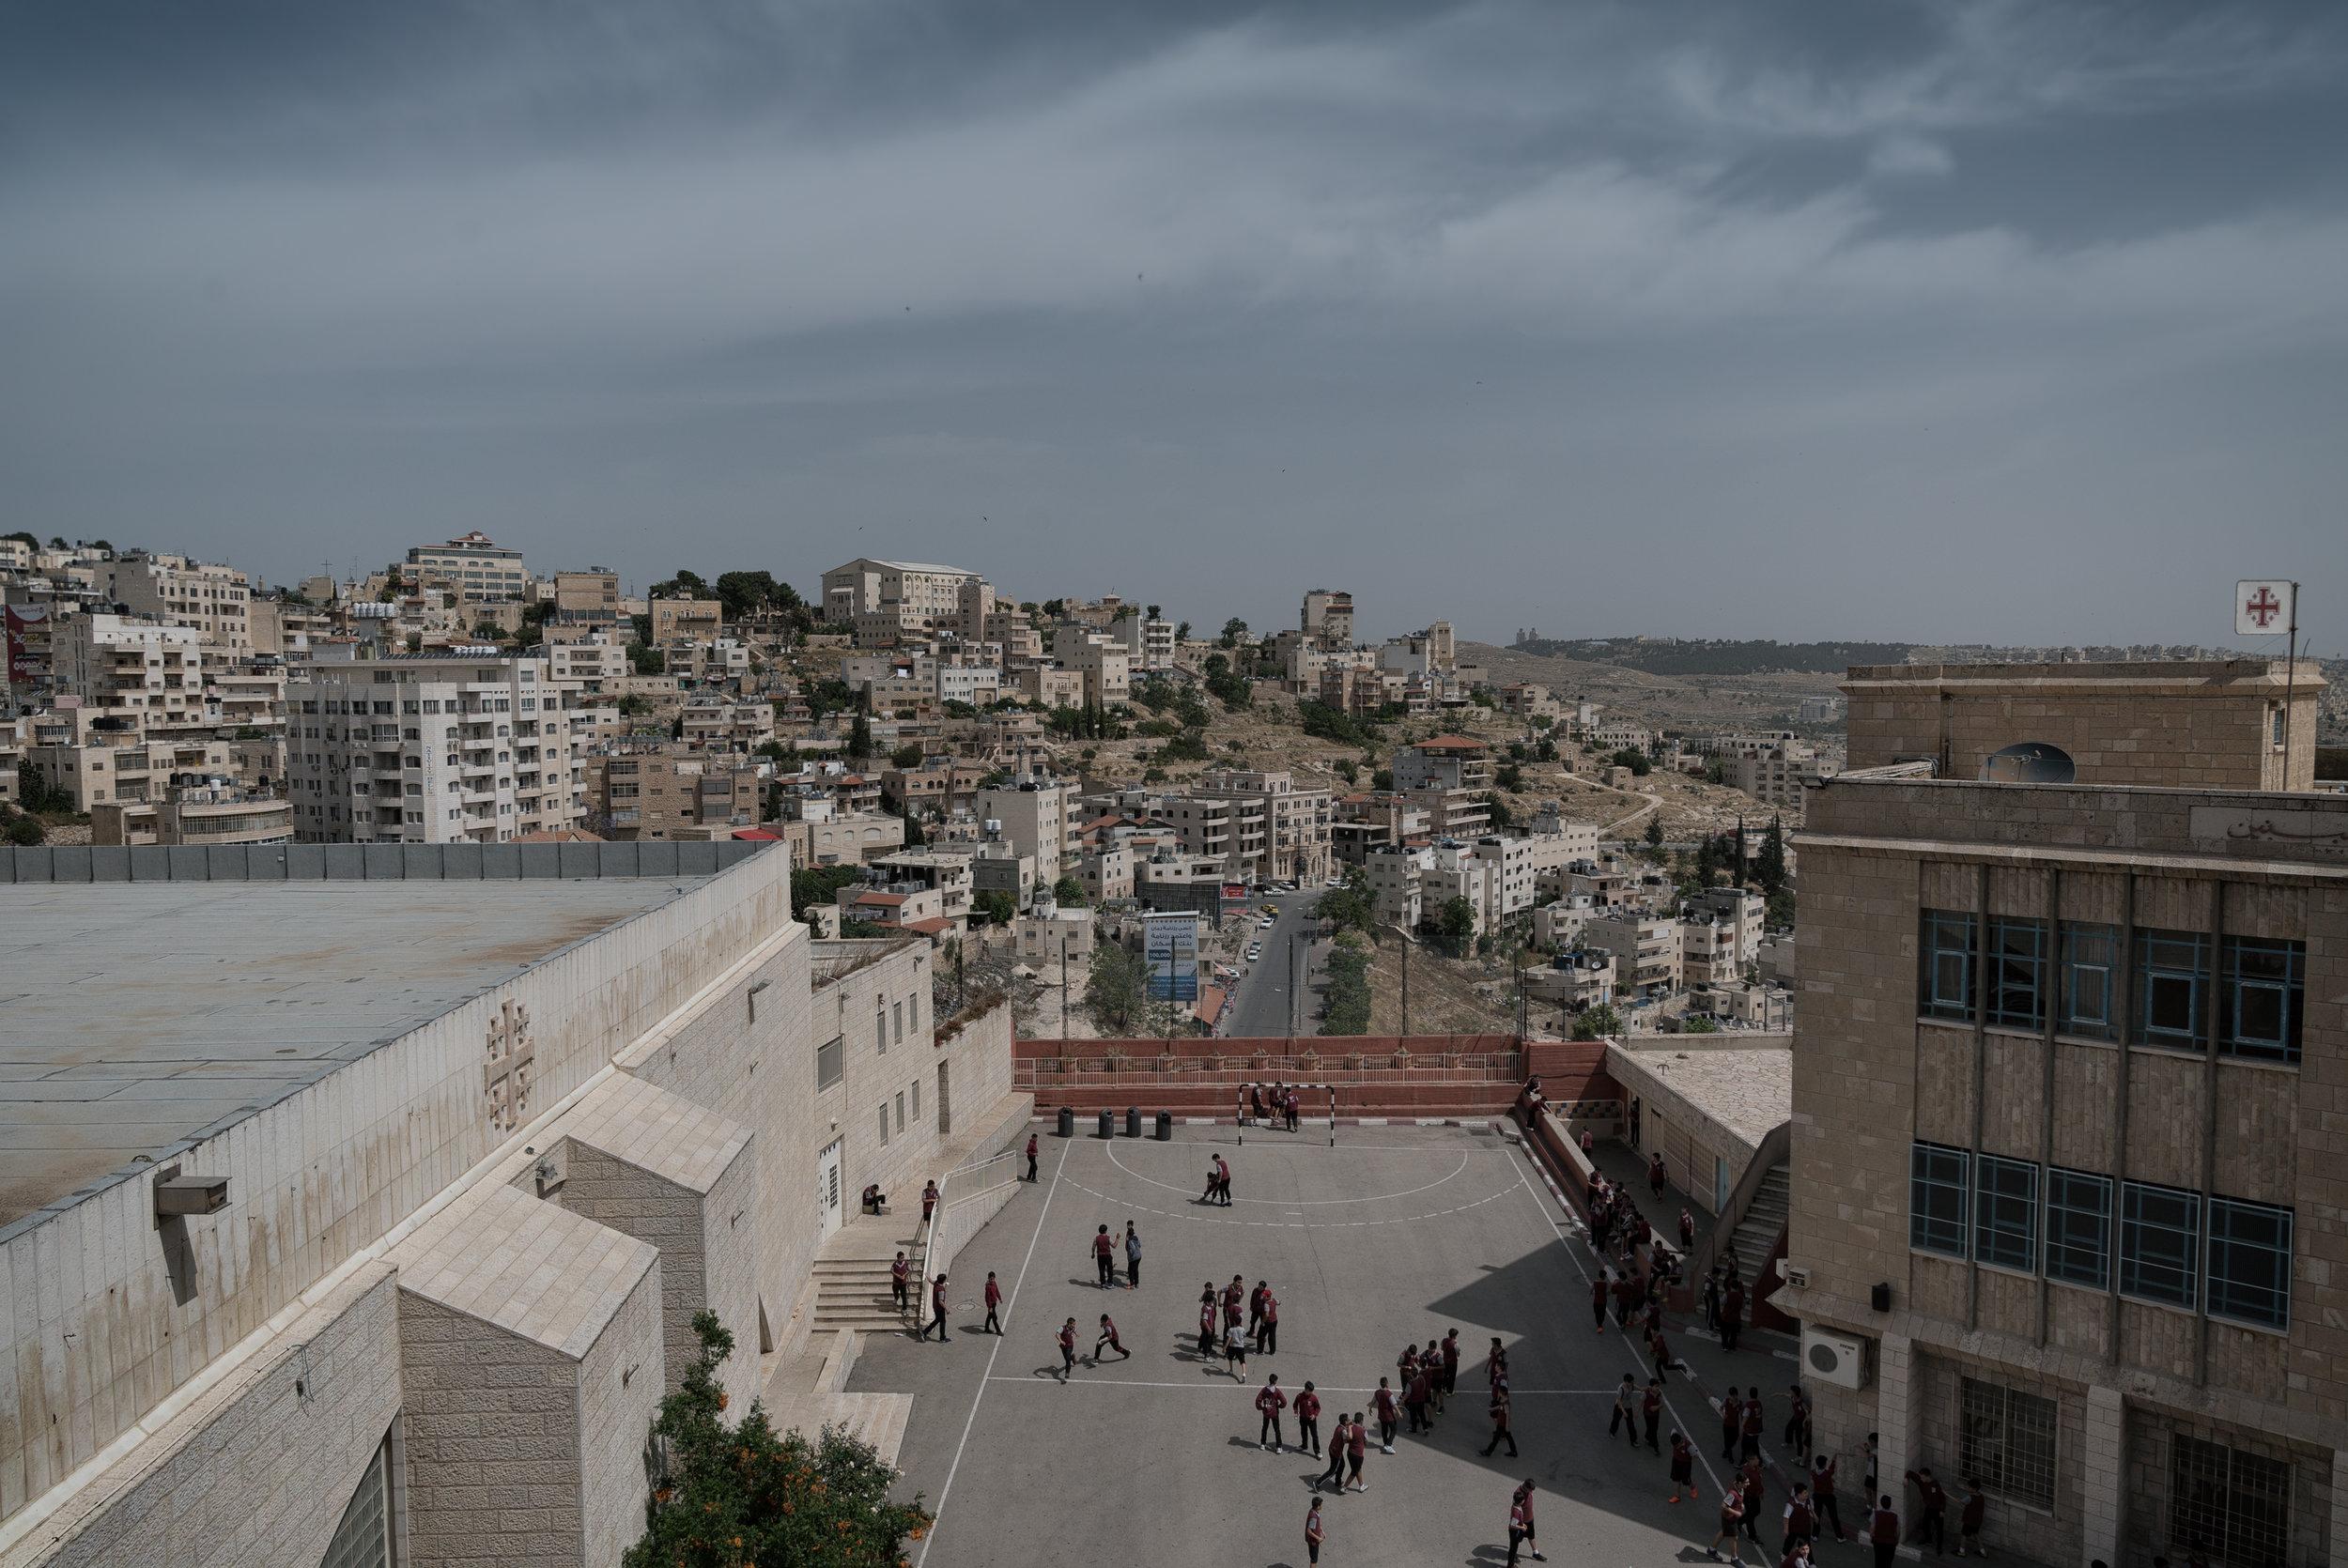 cityview3 (1 of 1).jpg